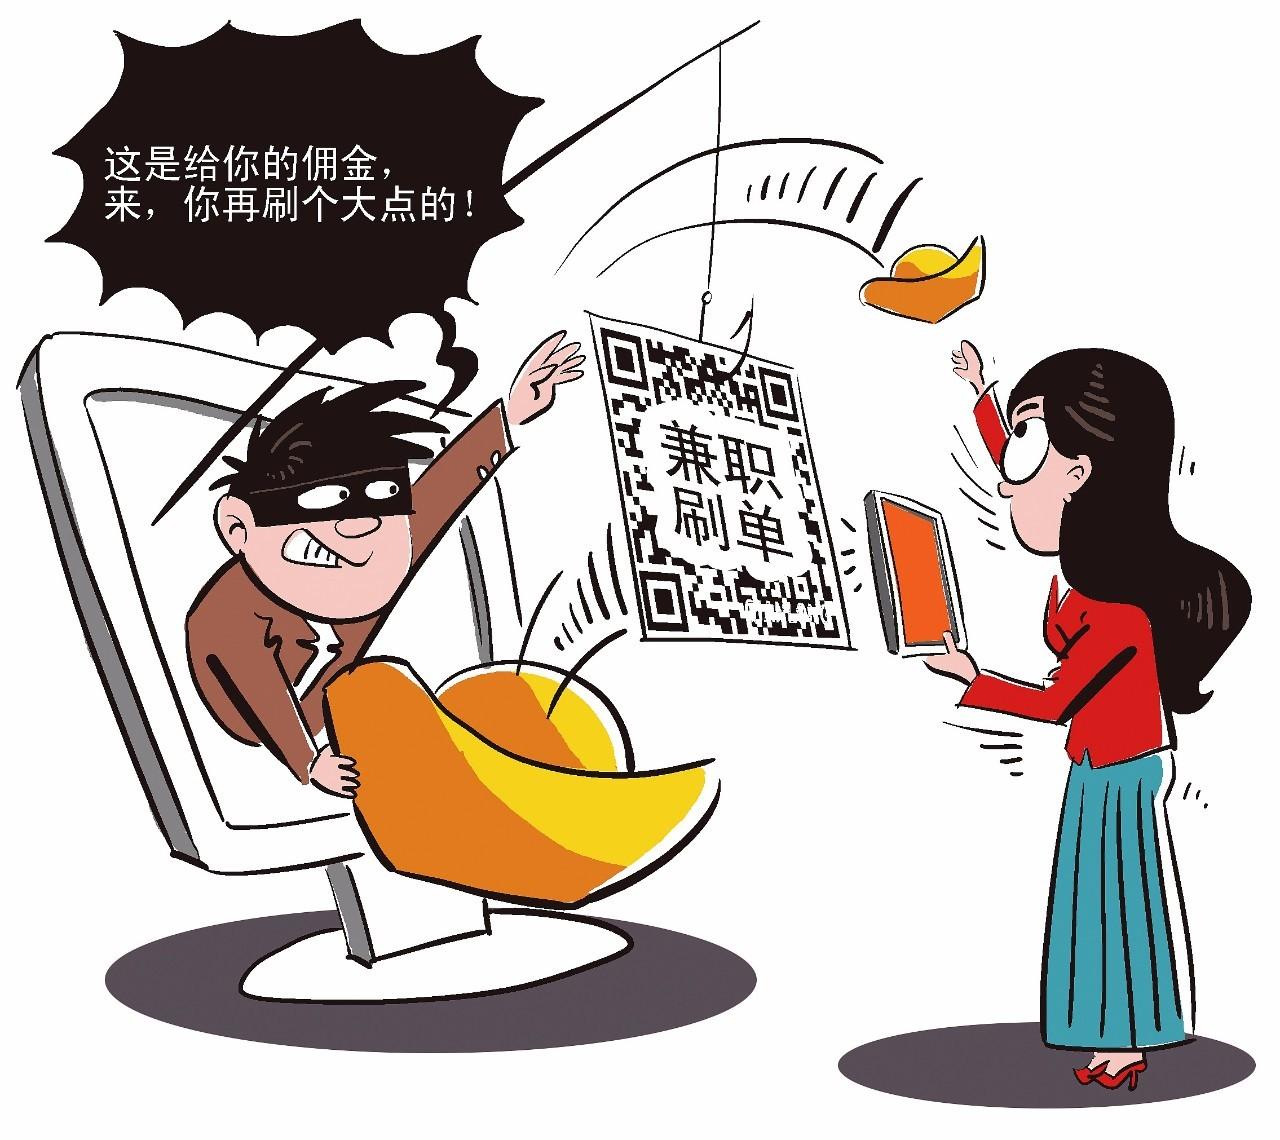 动漫 卡通 漫画 设计 矢量 矢量图 素材 头像 1280_1140